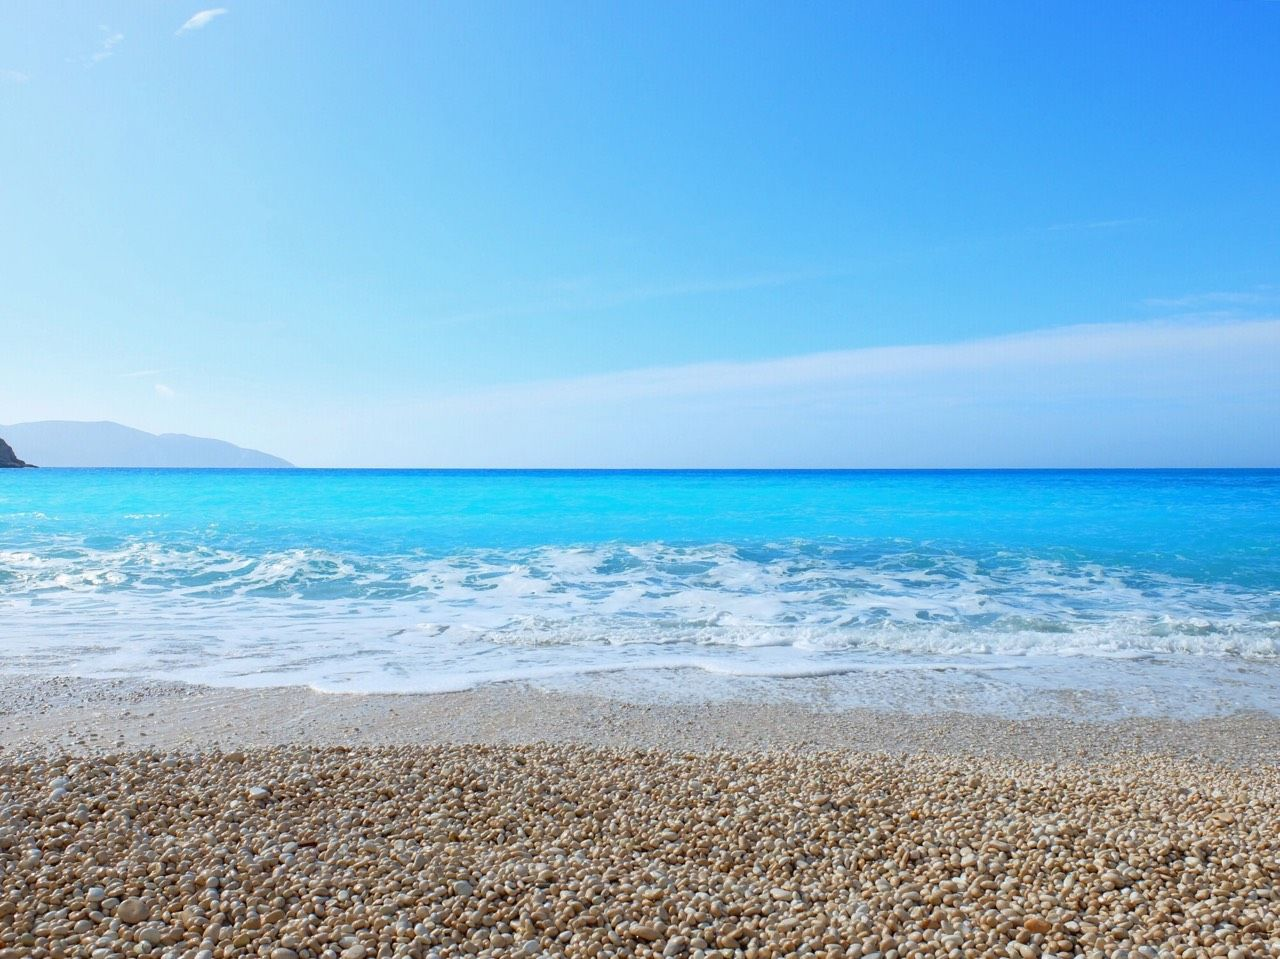 イオニア海最大の島ケファロニア島